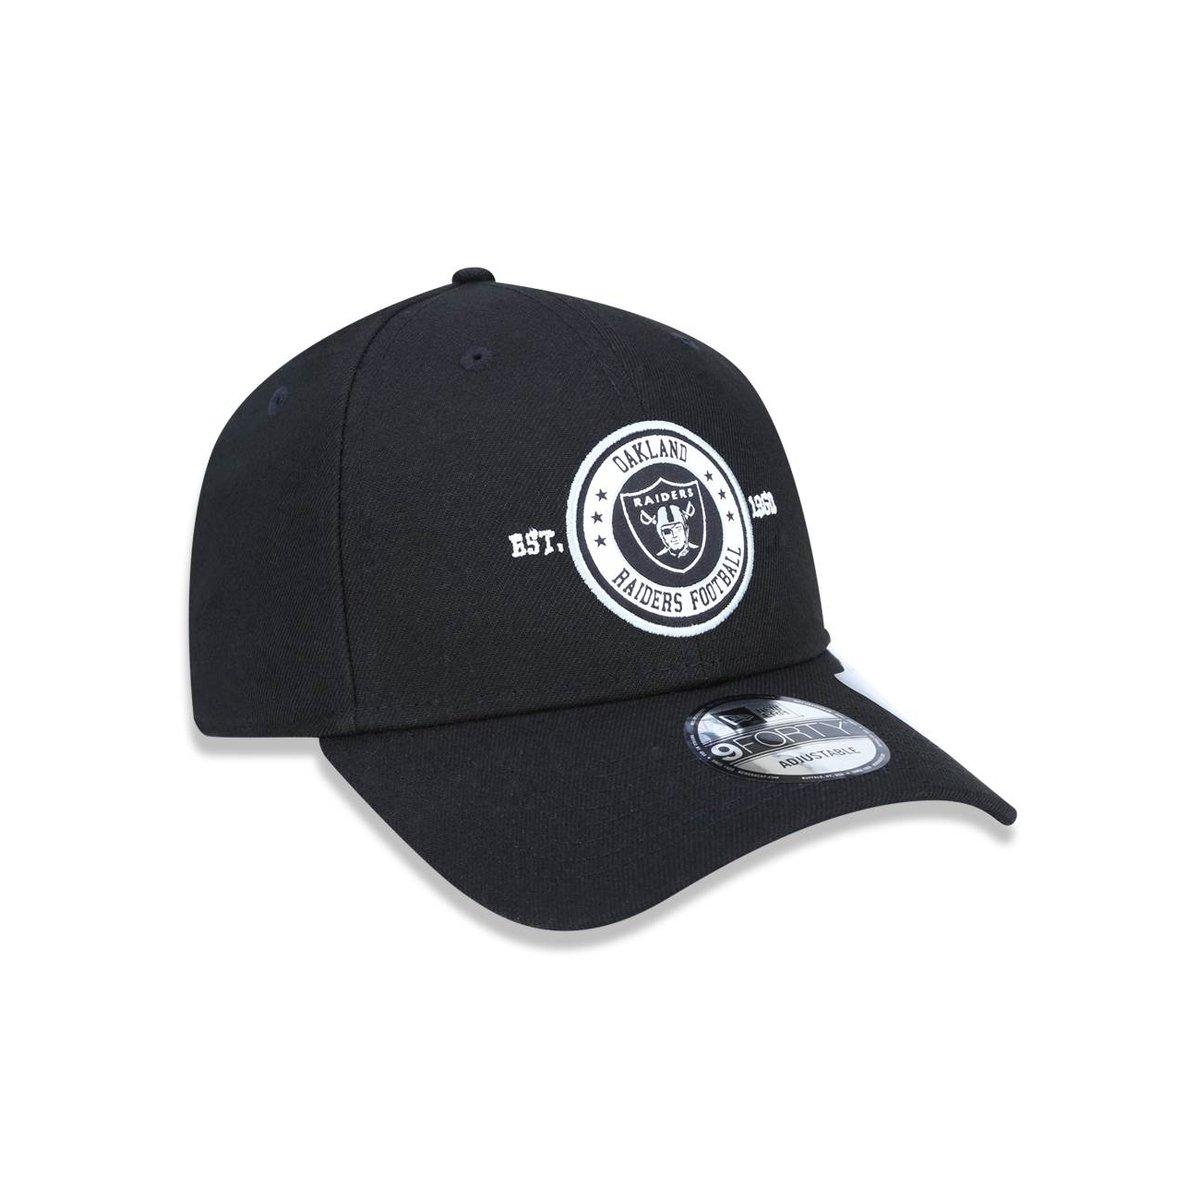 28797b169e6ec Boné 940 Oakland Raiders NFL Aba Curva Snapback New Era - Compre ...